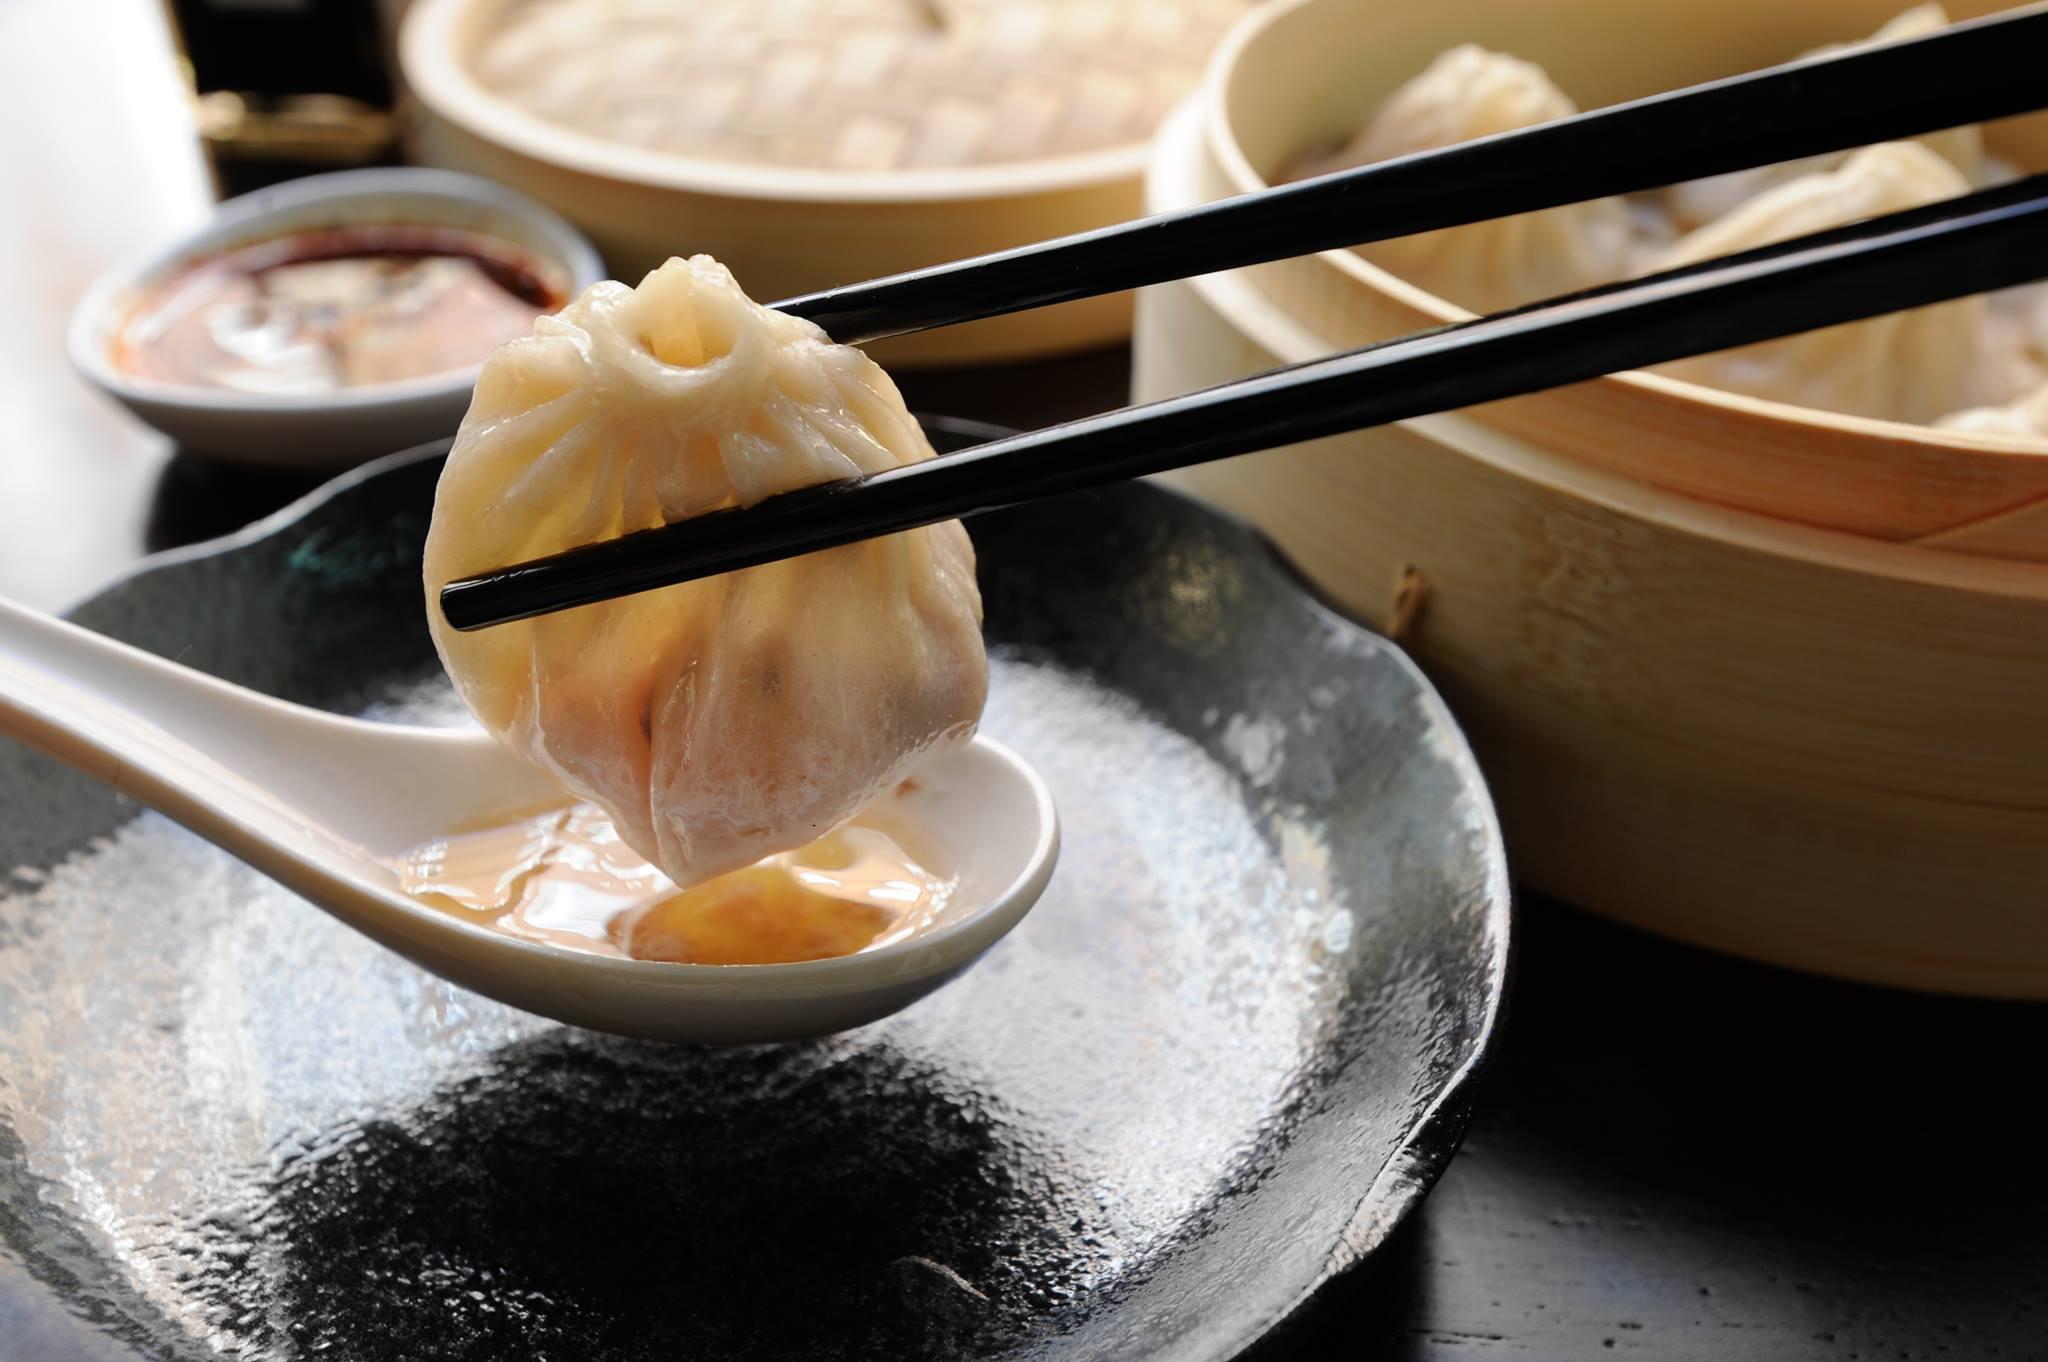 Best Fish Restaurant Nyc